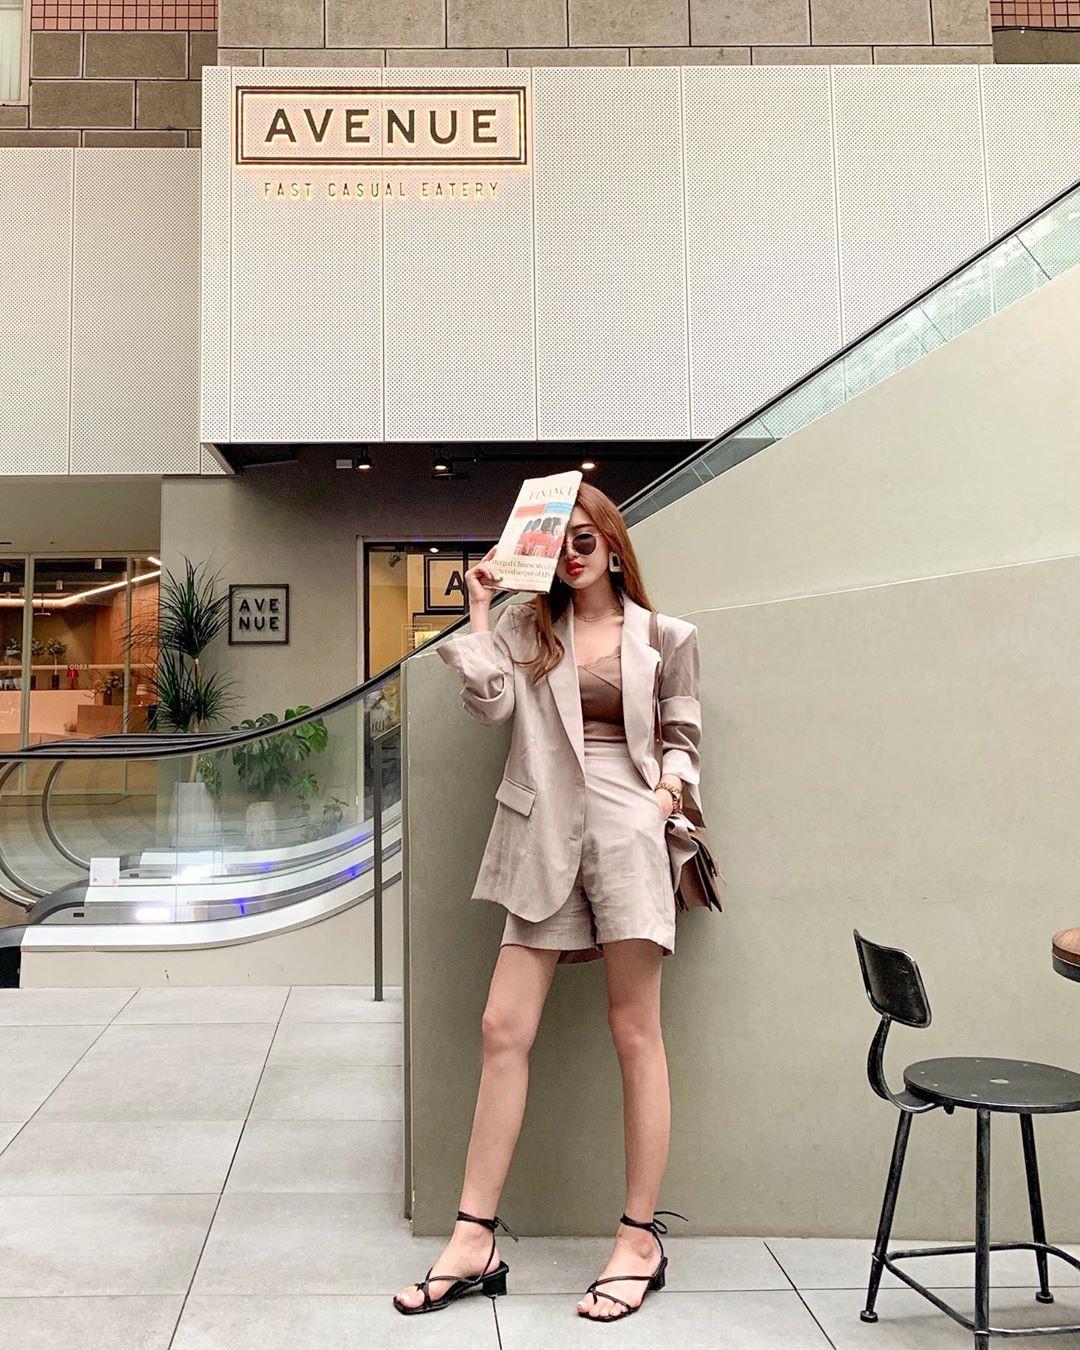 Giữa mùa thu nắng gió khó lường, bạn nên thủ sẵn 4 mẫu áo khoác nhẹ nhàng mà chất ngất sau đây - Ảnh 11